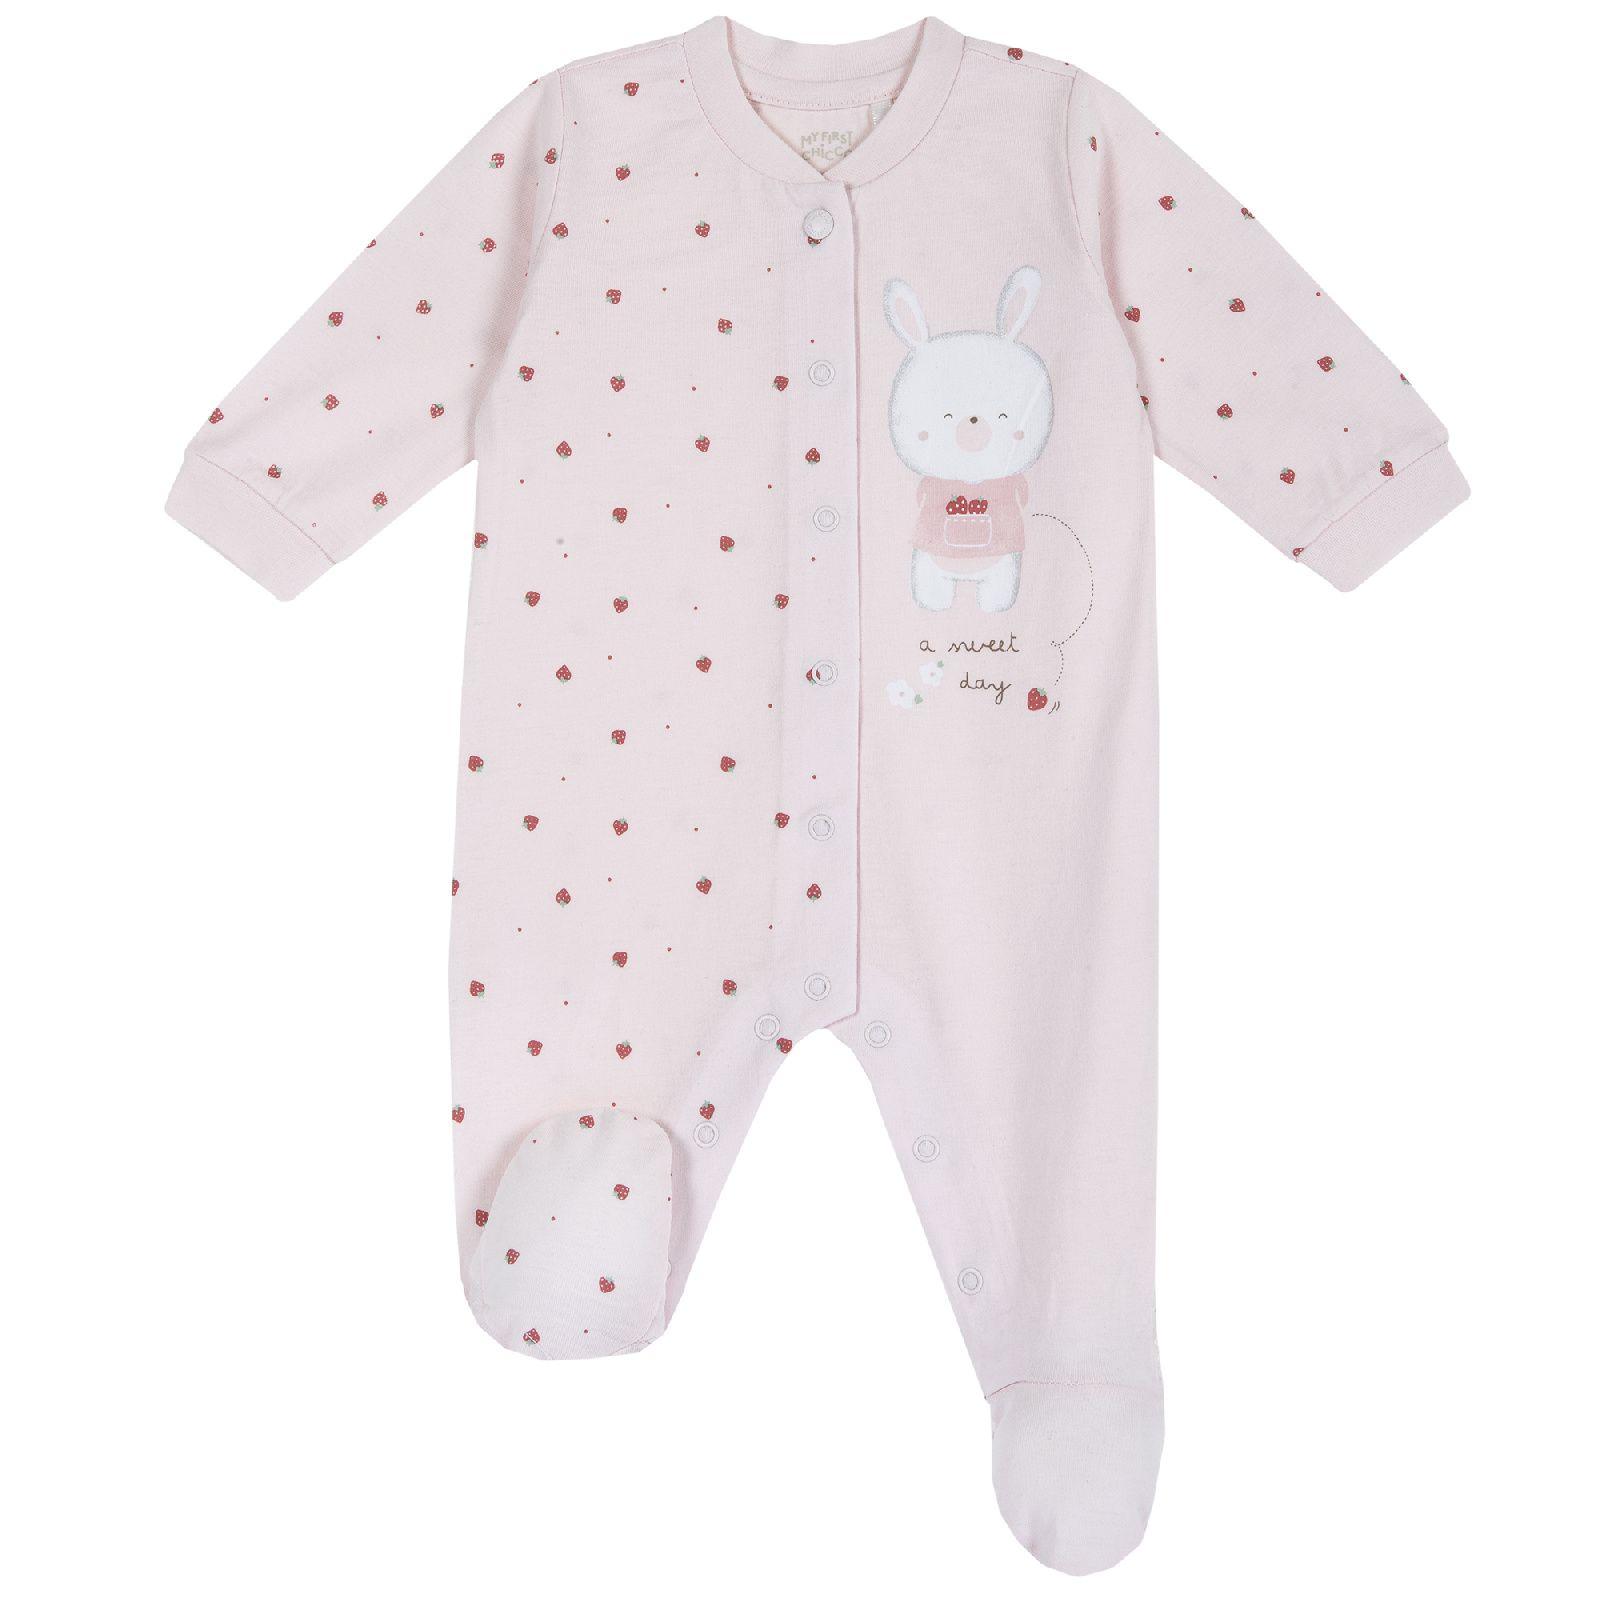 Комбинезон для девочек Chicco с клубничками, цвет розовый, размер 56